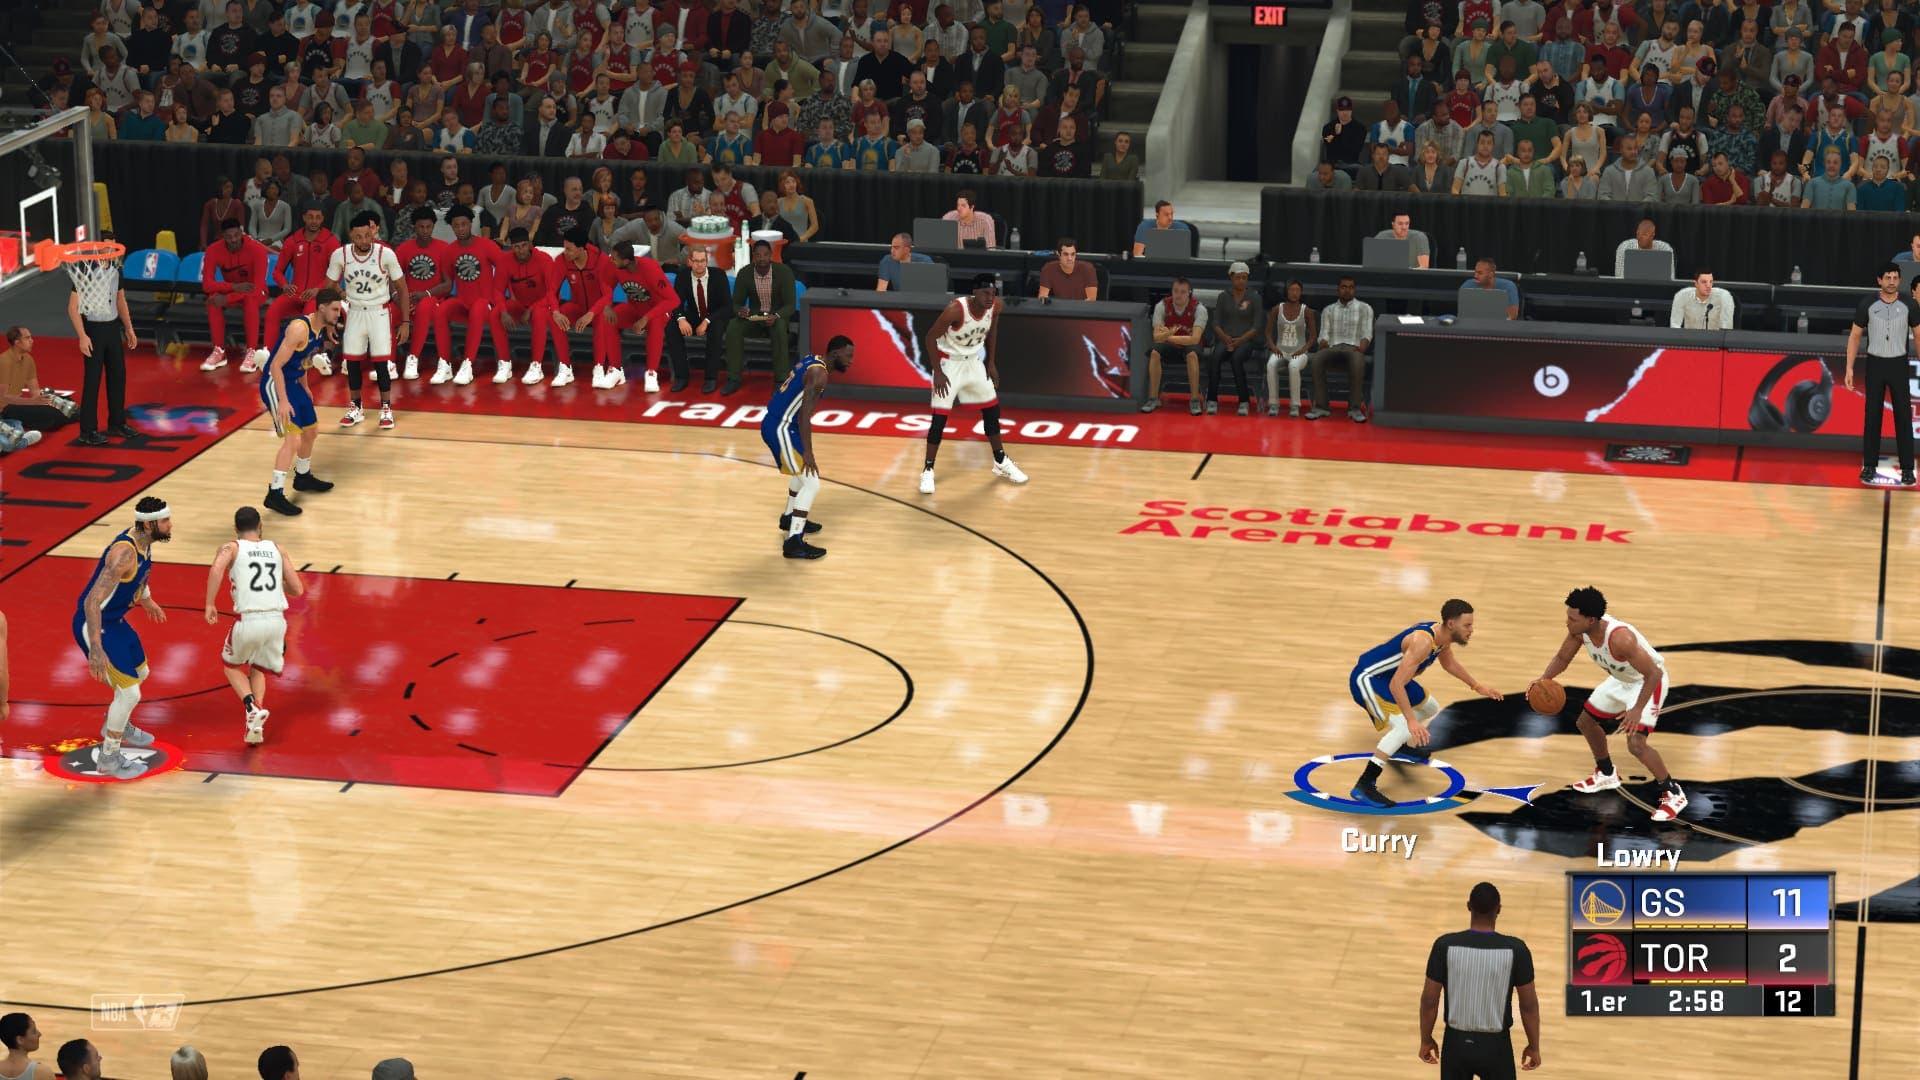 Análisis de NBA 2K20 - Xbox One 1